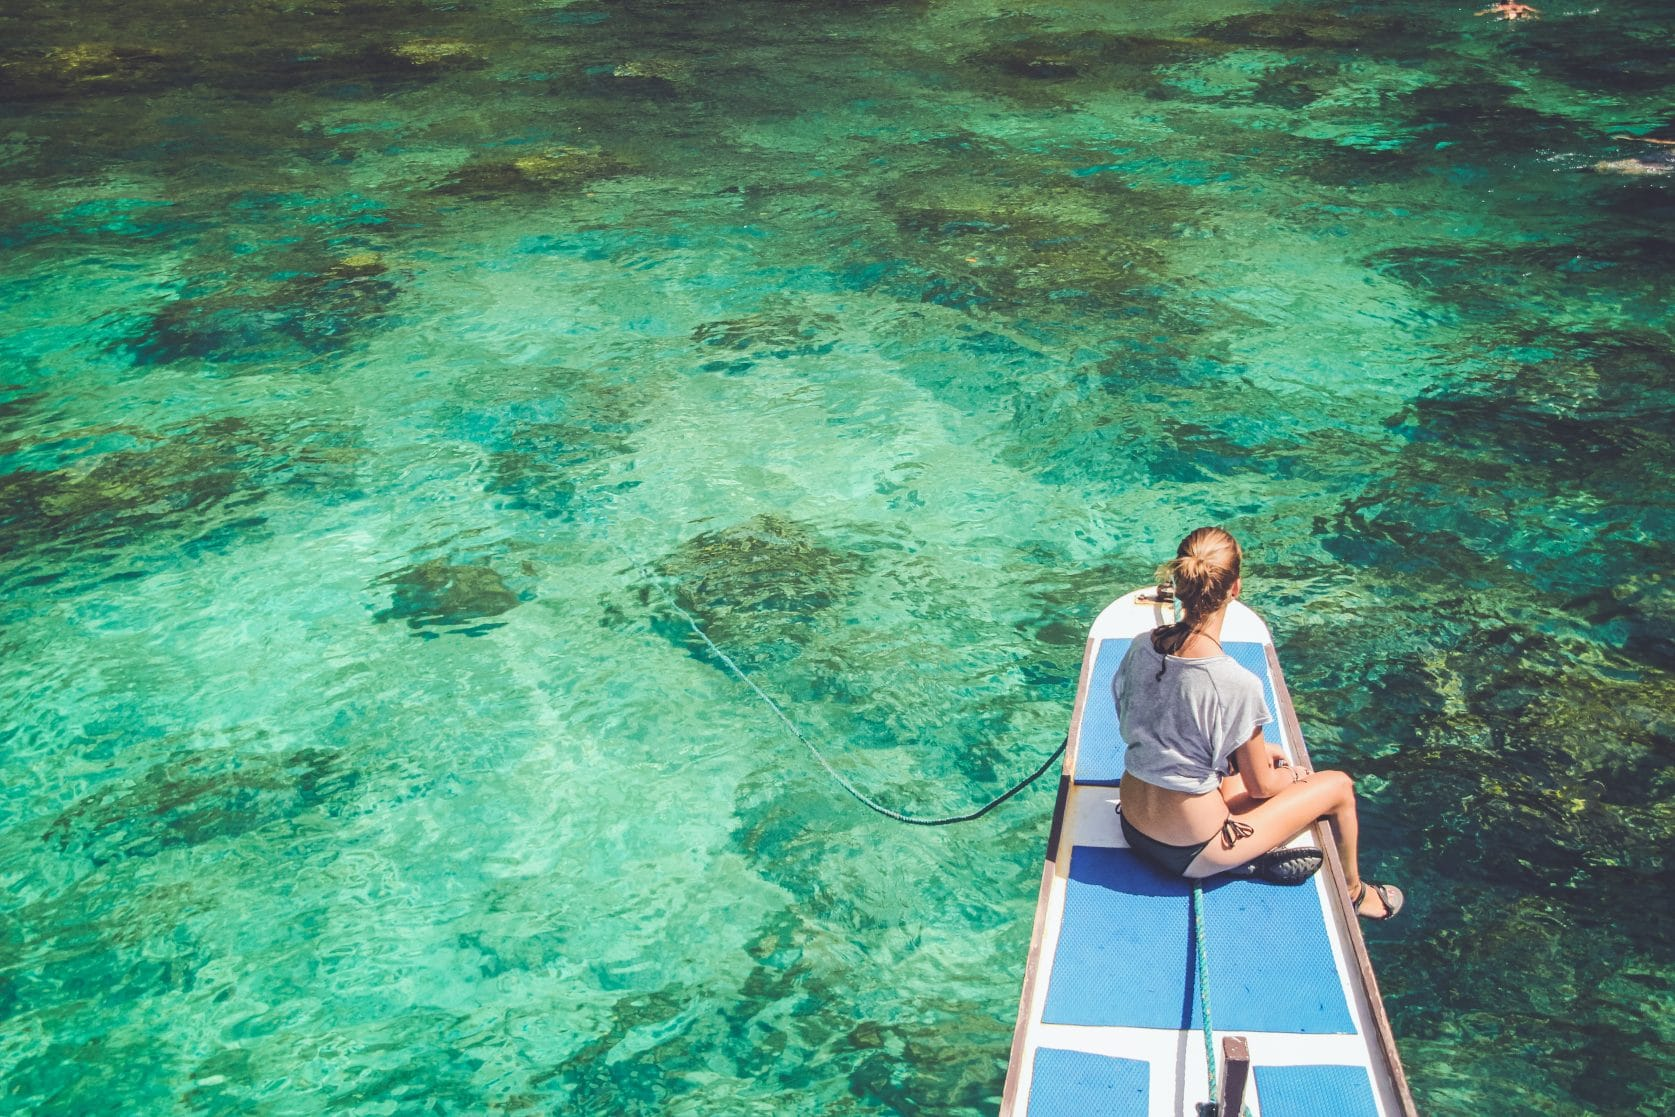 cadlao lagoon filipijnen